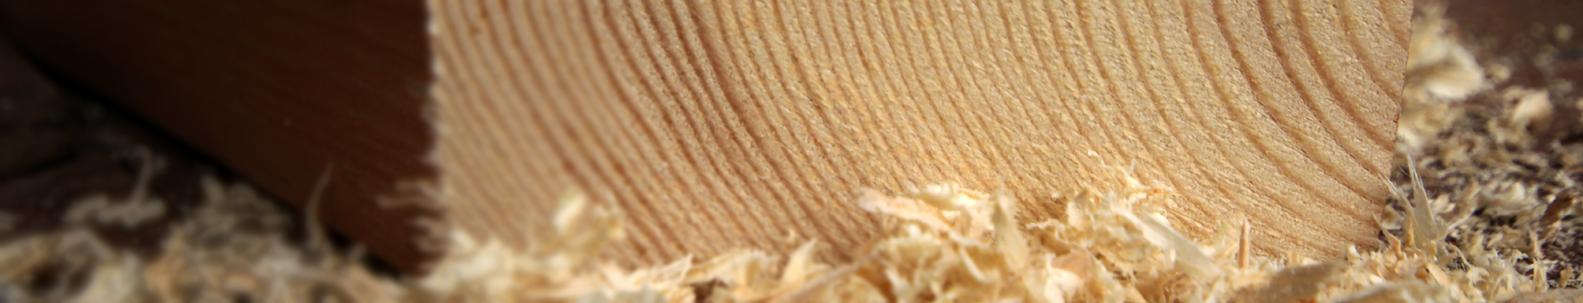 Kombinuotos juostinės - diskinės šlifavimo staklės  Aukštos kokybės kombinuotos juostinės - diskinės šlifavimo staklės medienai